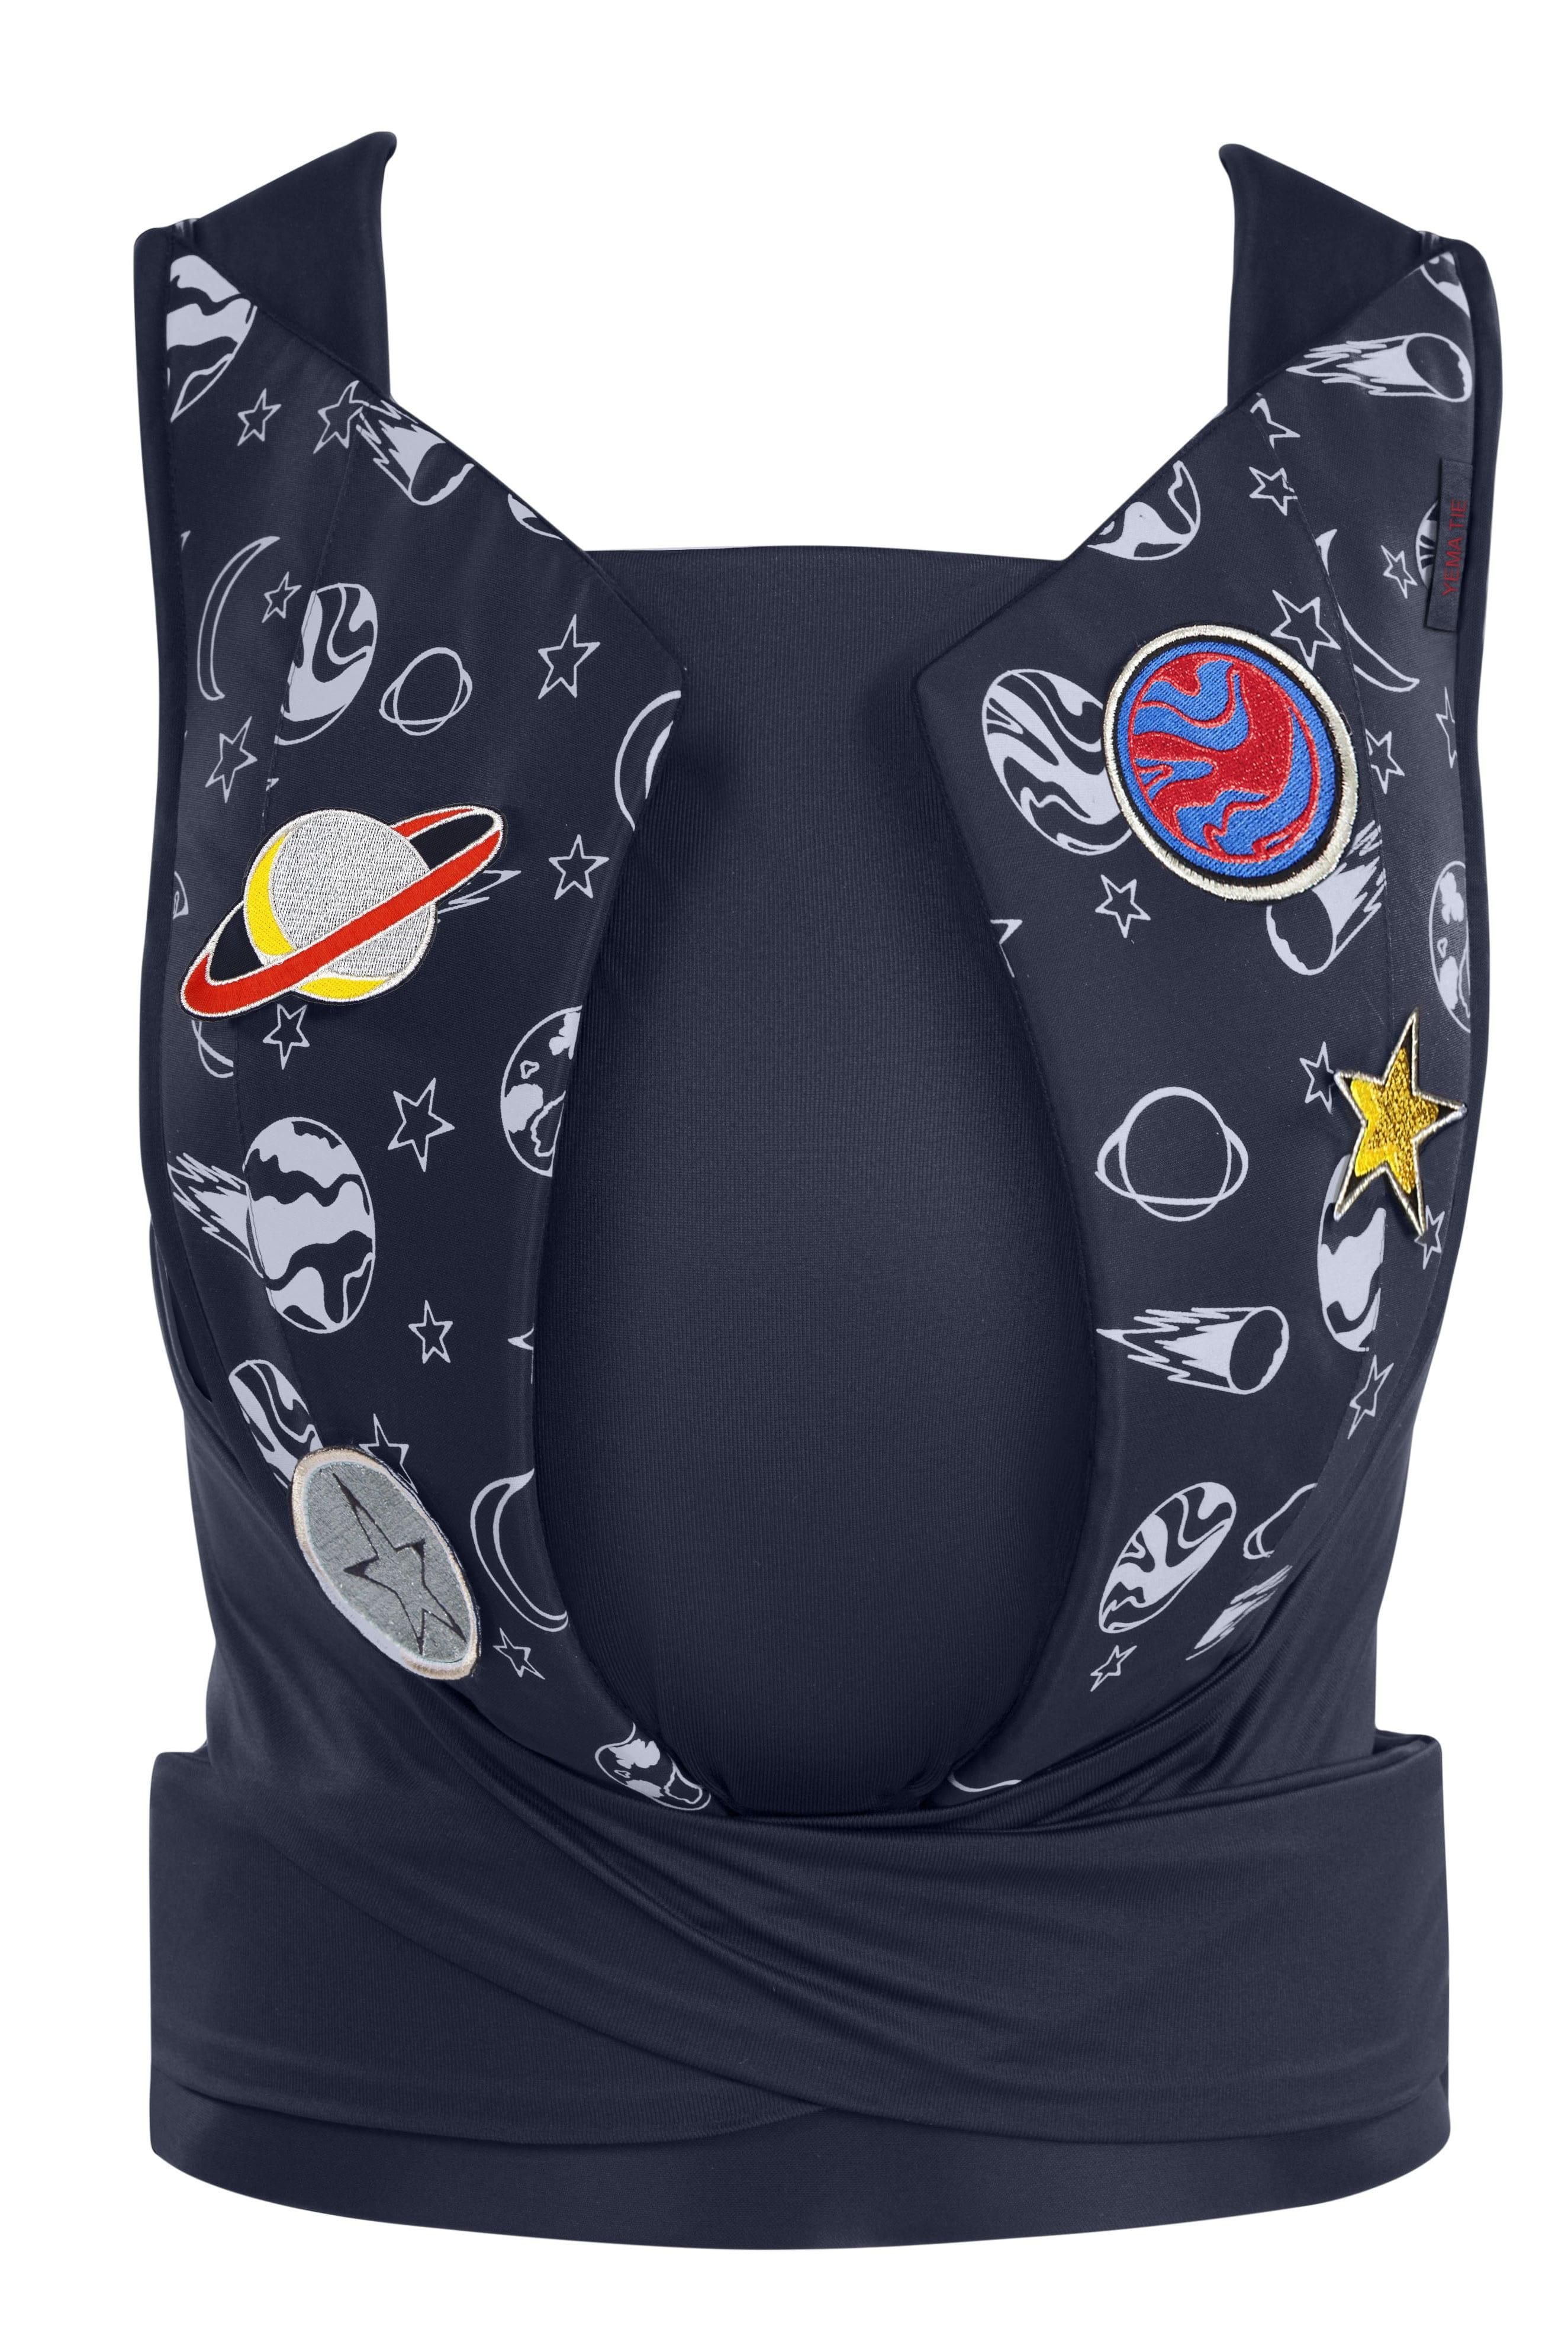 Porte-bébé Yema Tie Space Rocket, Cybex 51b13e6e49a